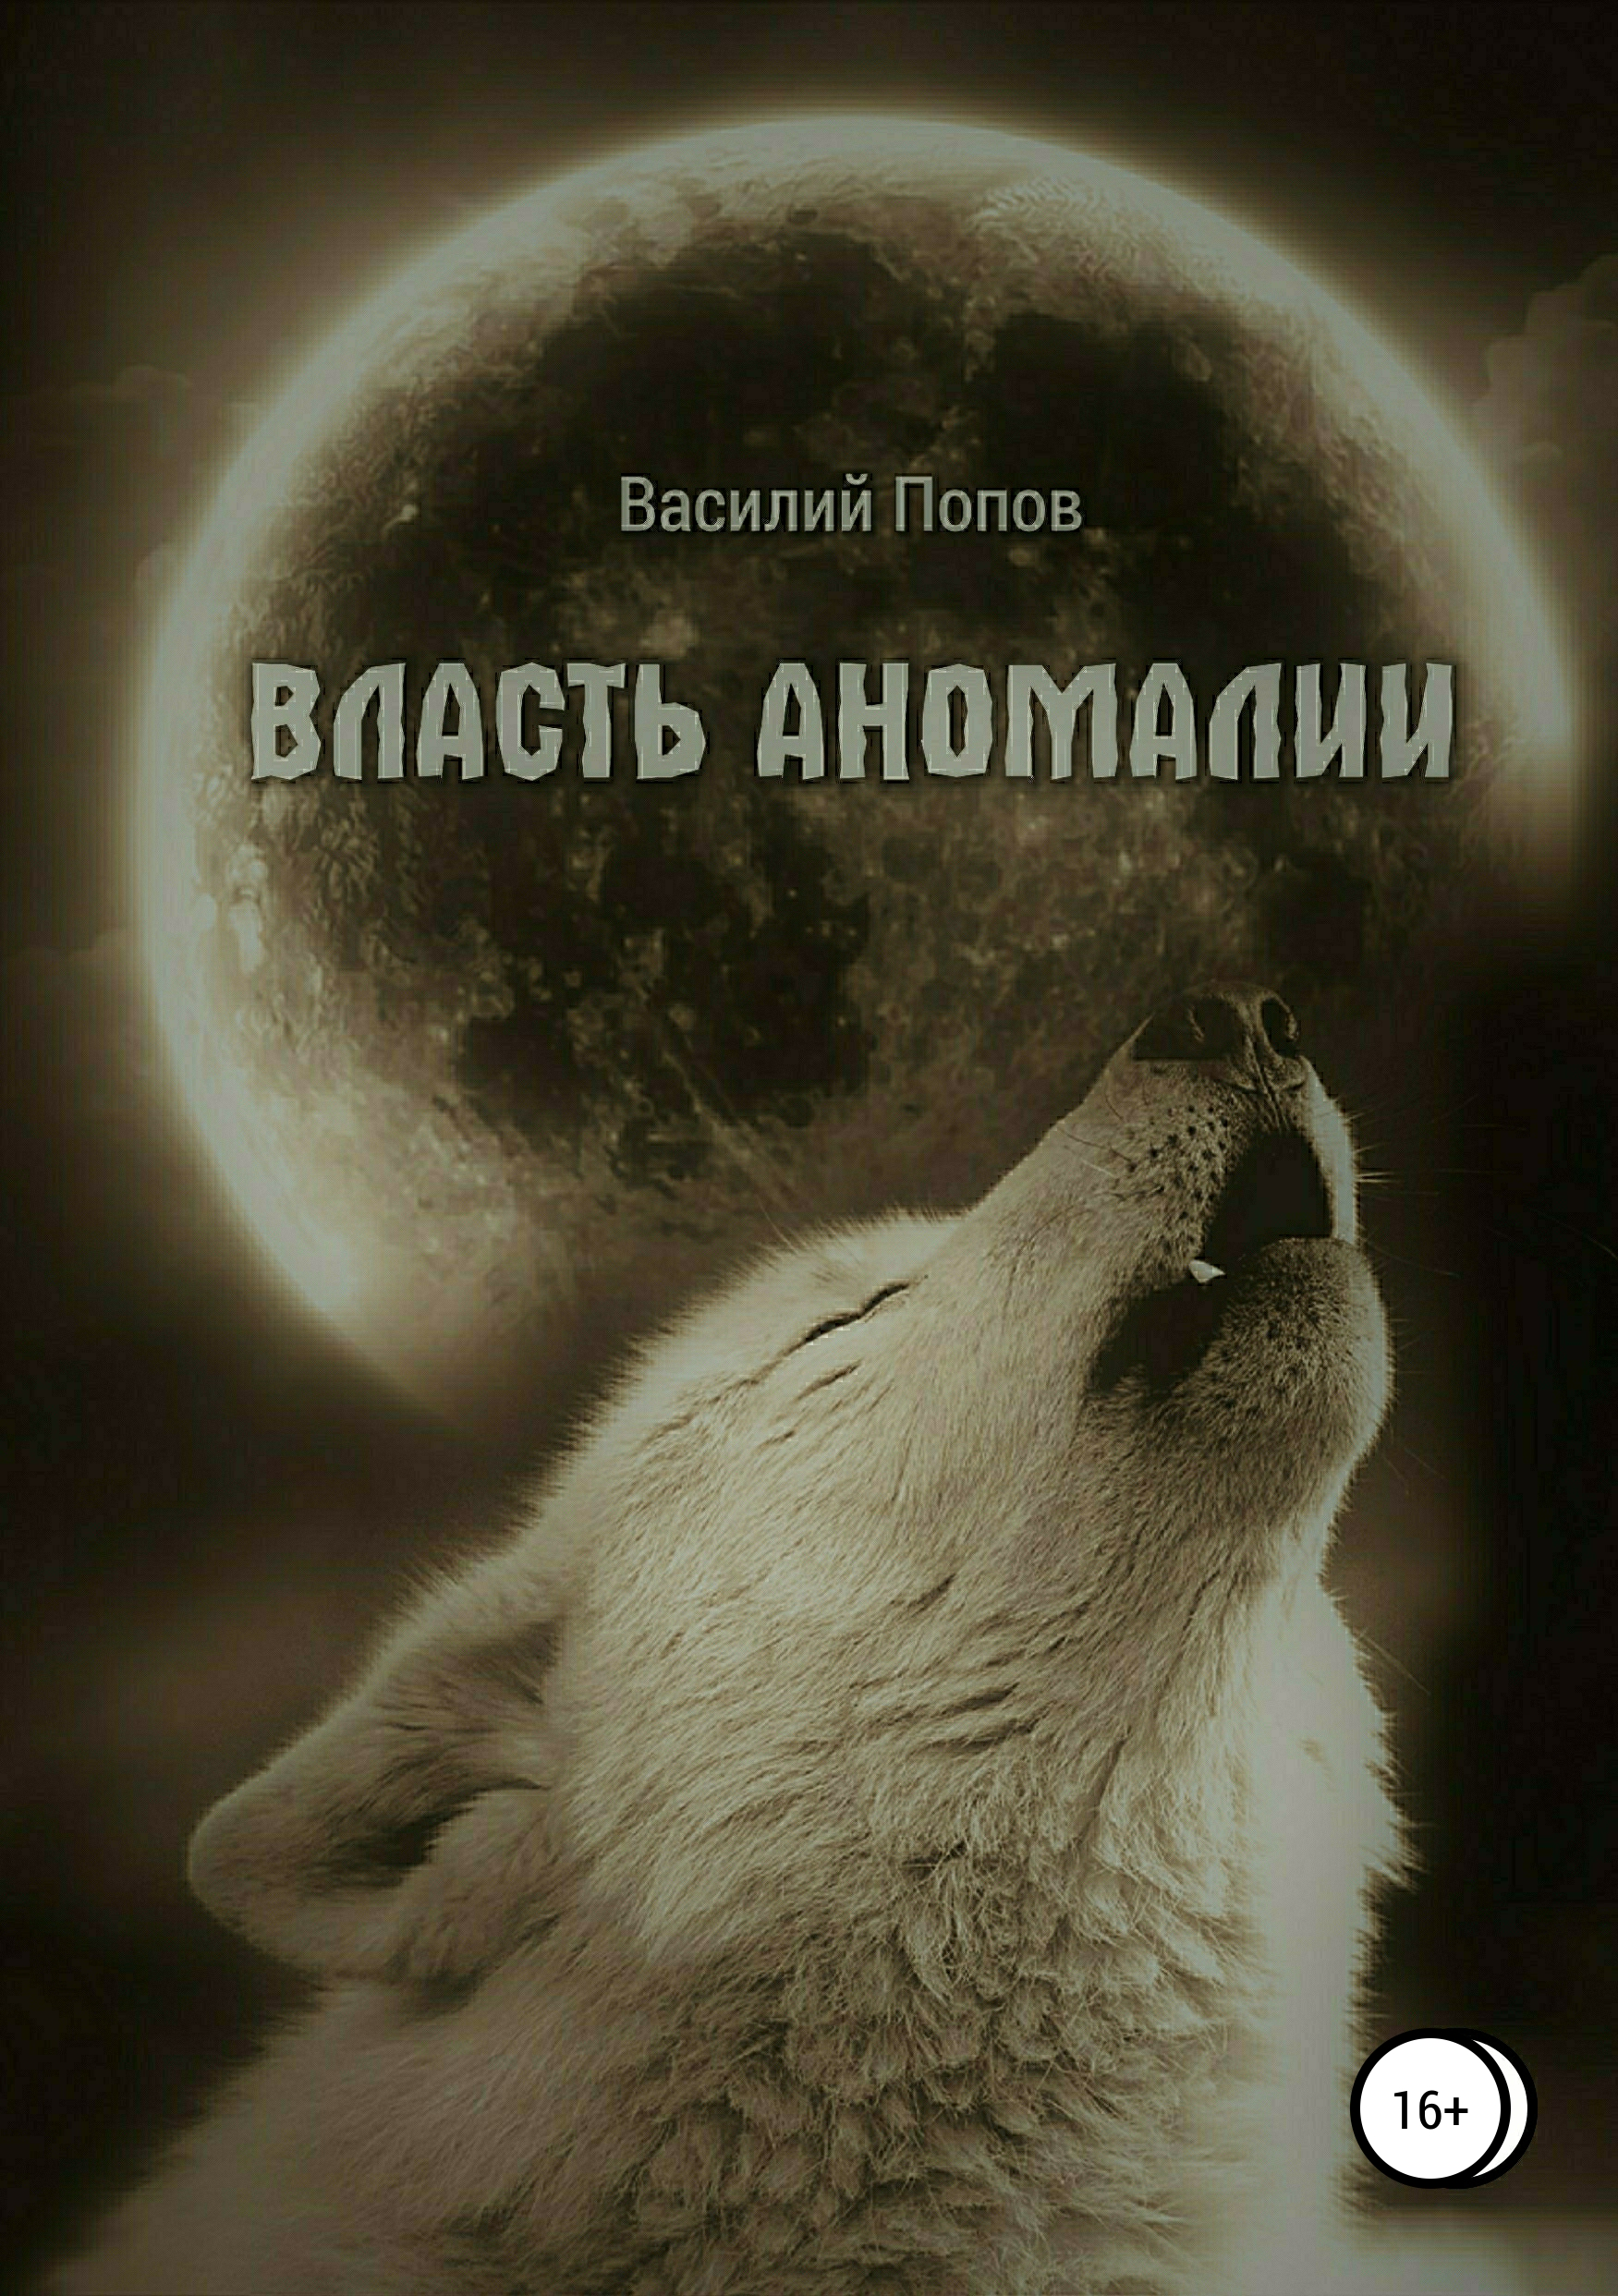 Василий Львович Попов Власть аномалии